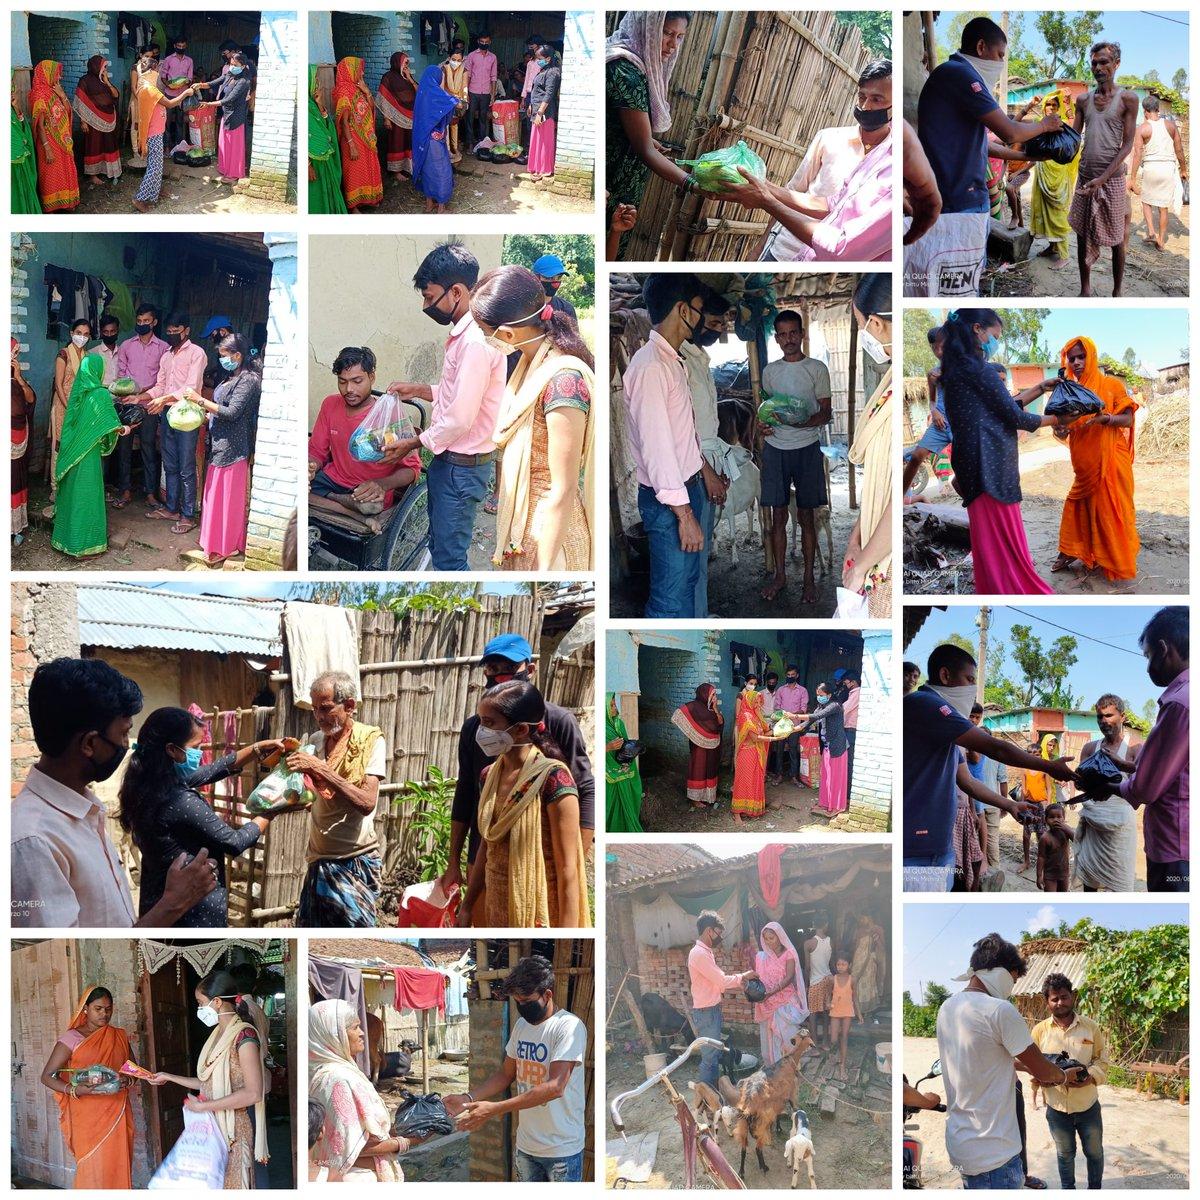 #रेन्ड्रॉप_फाउंडेशन के तत्वधान में टाटा ग्रुप के #जेमिपोल_कंपनी के सहयोग से #मणिभूषण_झा के निर्देशानुसार #जागरूकता_अभियान_संस्था_गंगौर ( Youth voice for society)के  विजय कुमार, रवि कुमार, शंभू कुमार ,सचिन कुमार, रंजीत कुमार, अशोक कुमार ,  किरण कुमारी के साथ मिलकर राशन पहुंचाई। https://t.co/GxCAc9f3Yt